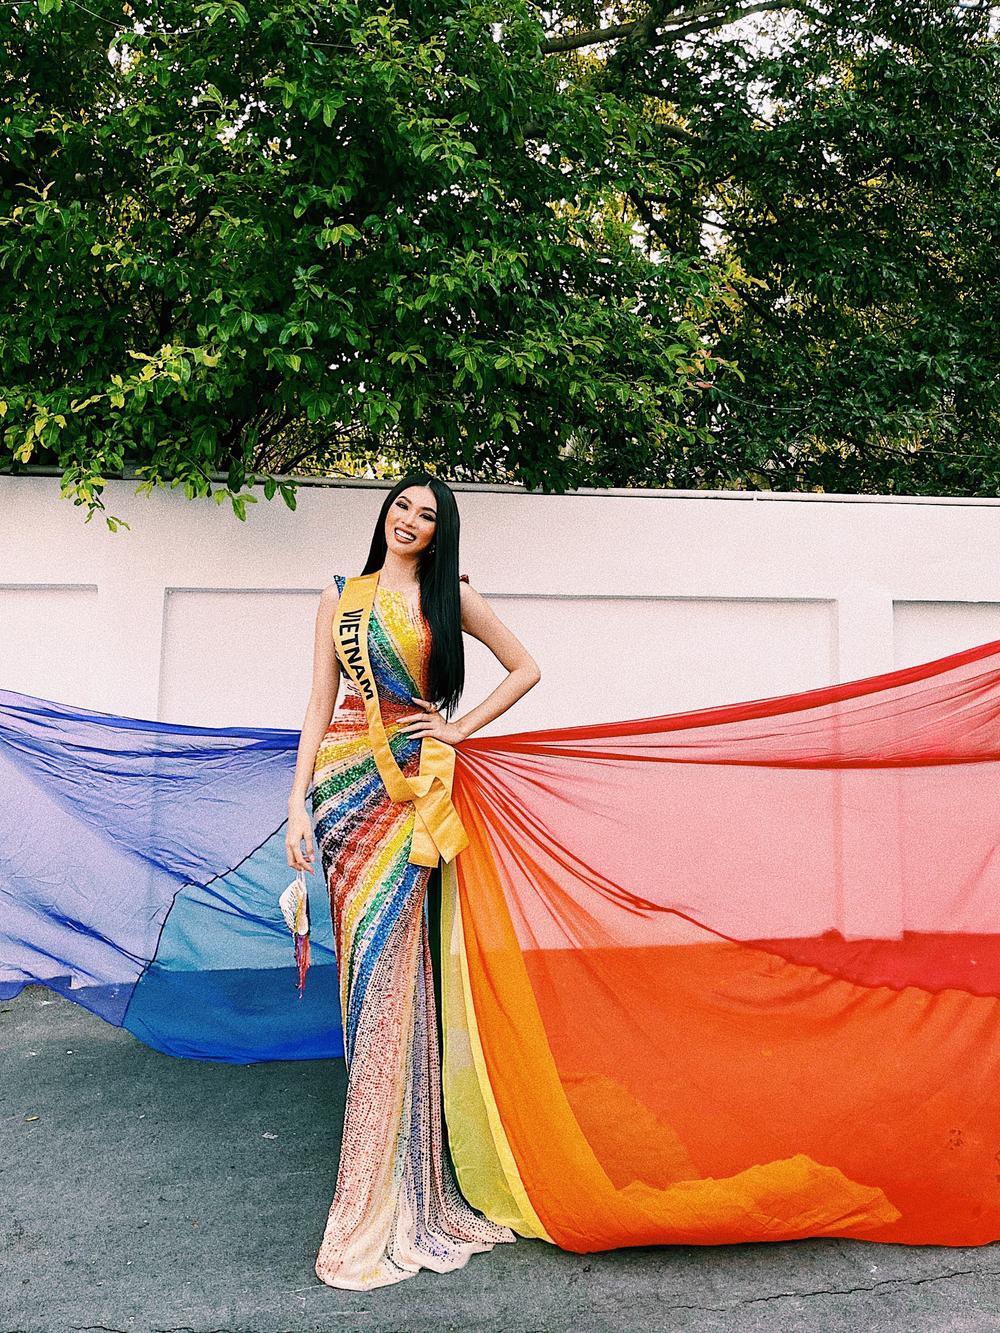 Ngọc Thảo diện váy cờ lục sắc ủng hộ cộng đồng LGBT nổi bật tại Miss Grand: Nước cờ khéo như H'Hen Niê! Ảnh 2